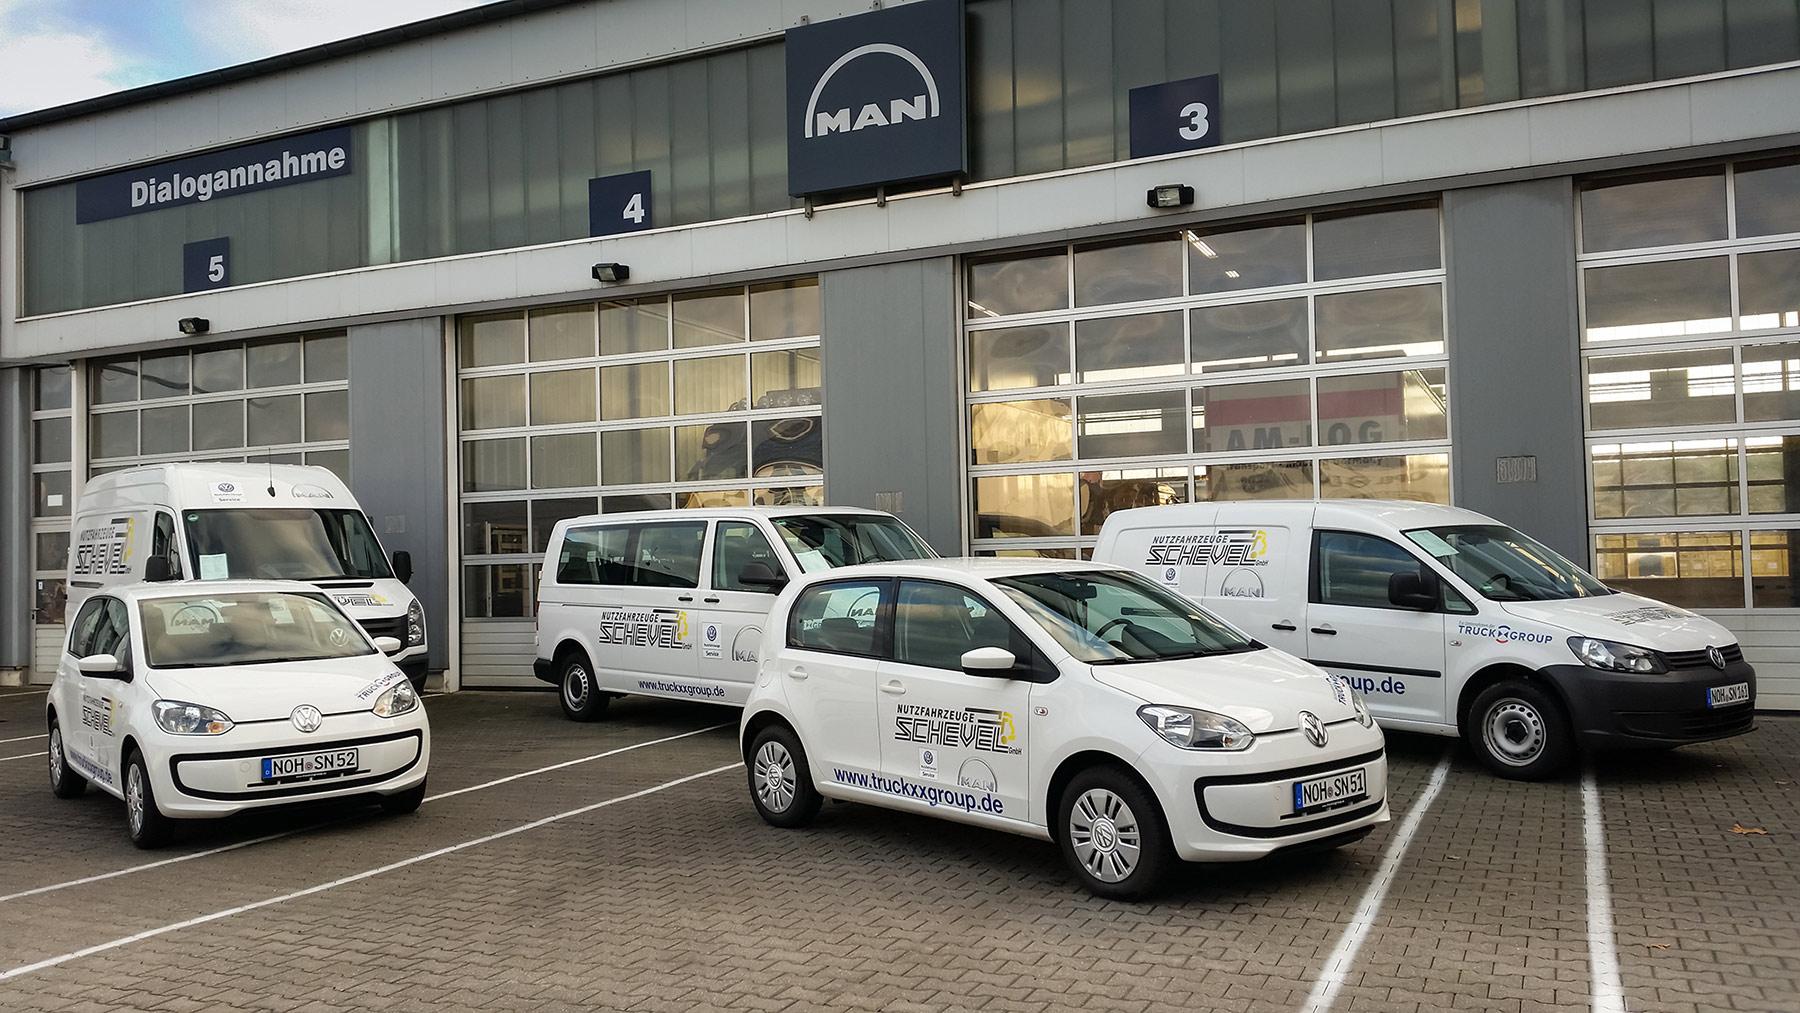 VW Nutzfahrzeuge Werkstatt Wietmarschen Lingen Ems Lohne Bentheim